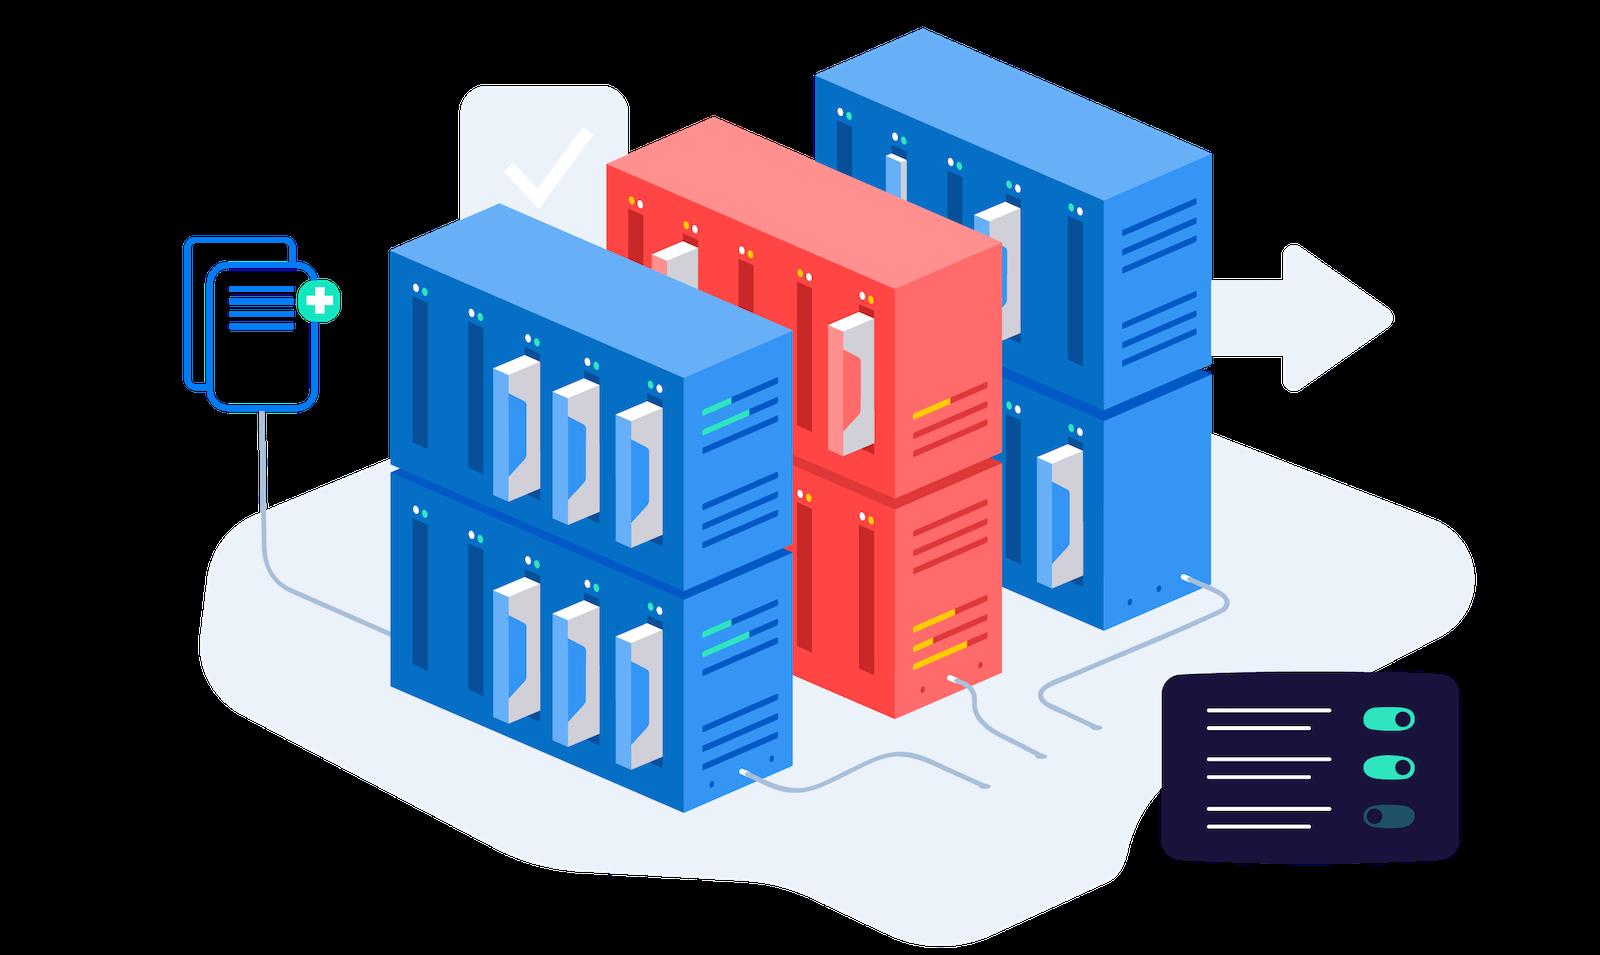 Как можно использовать прерываемые виртуальные машины Яндекс.Облака и экономить на решении масштабных задач - 2